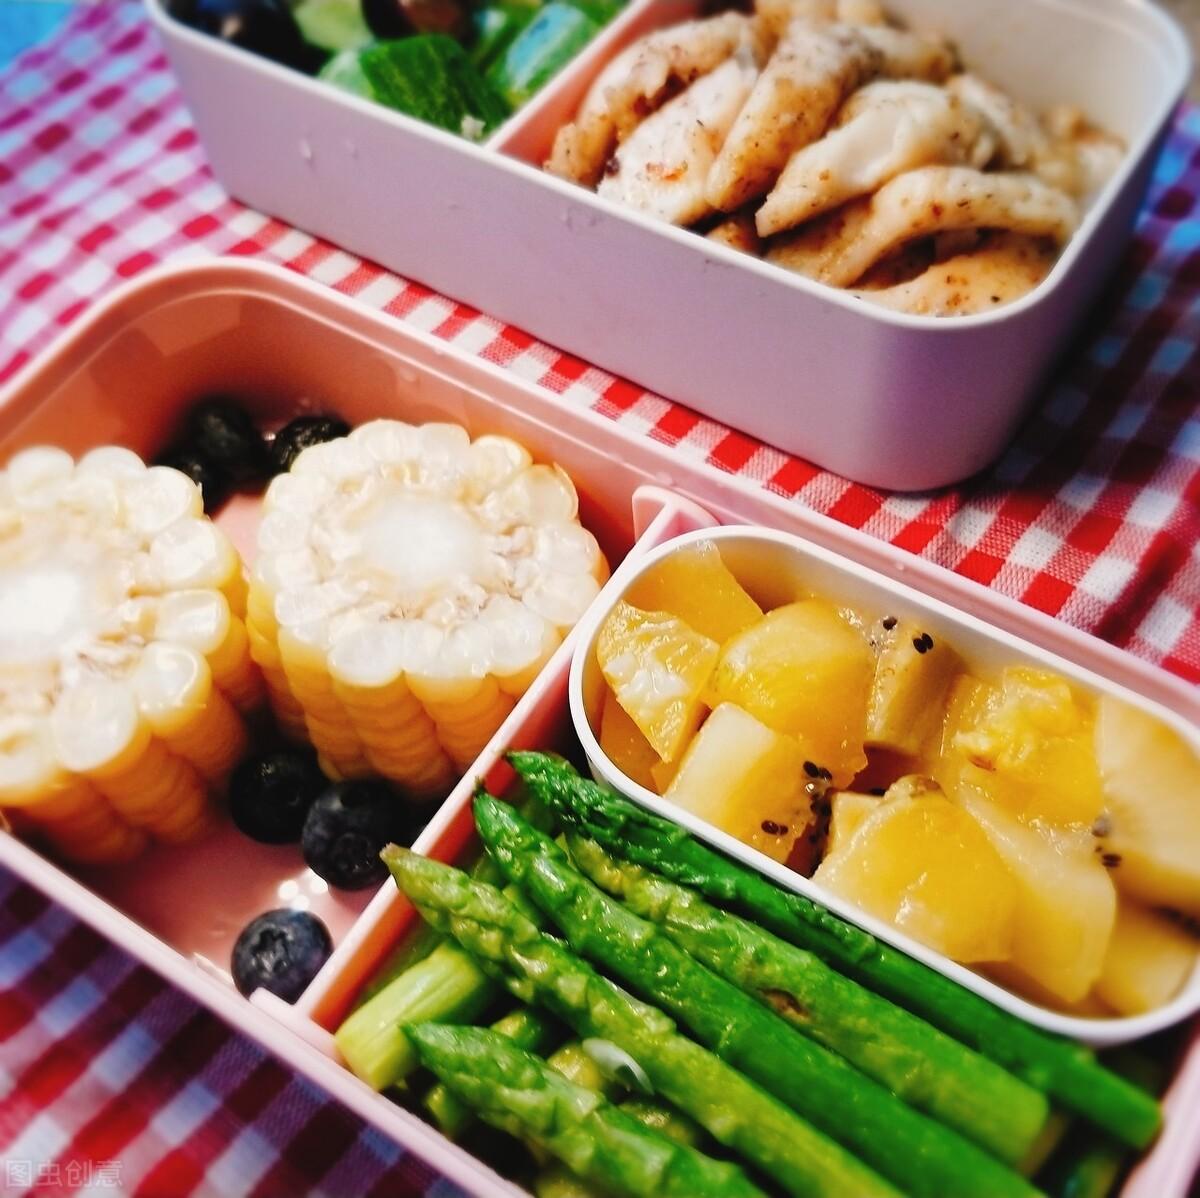 减脂餐应该怎么吃?一份减脂餐食谱,让你边吃边瘦下来 减肥菜谱 第2张